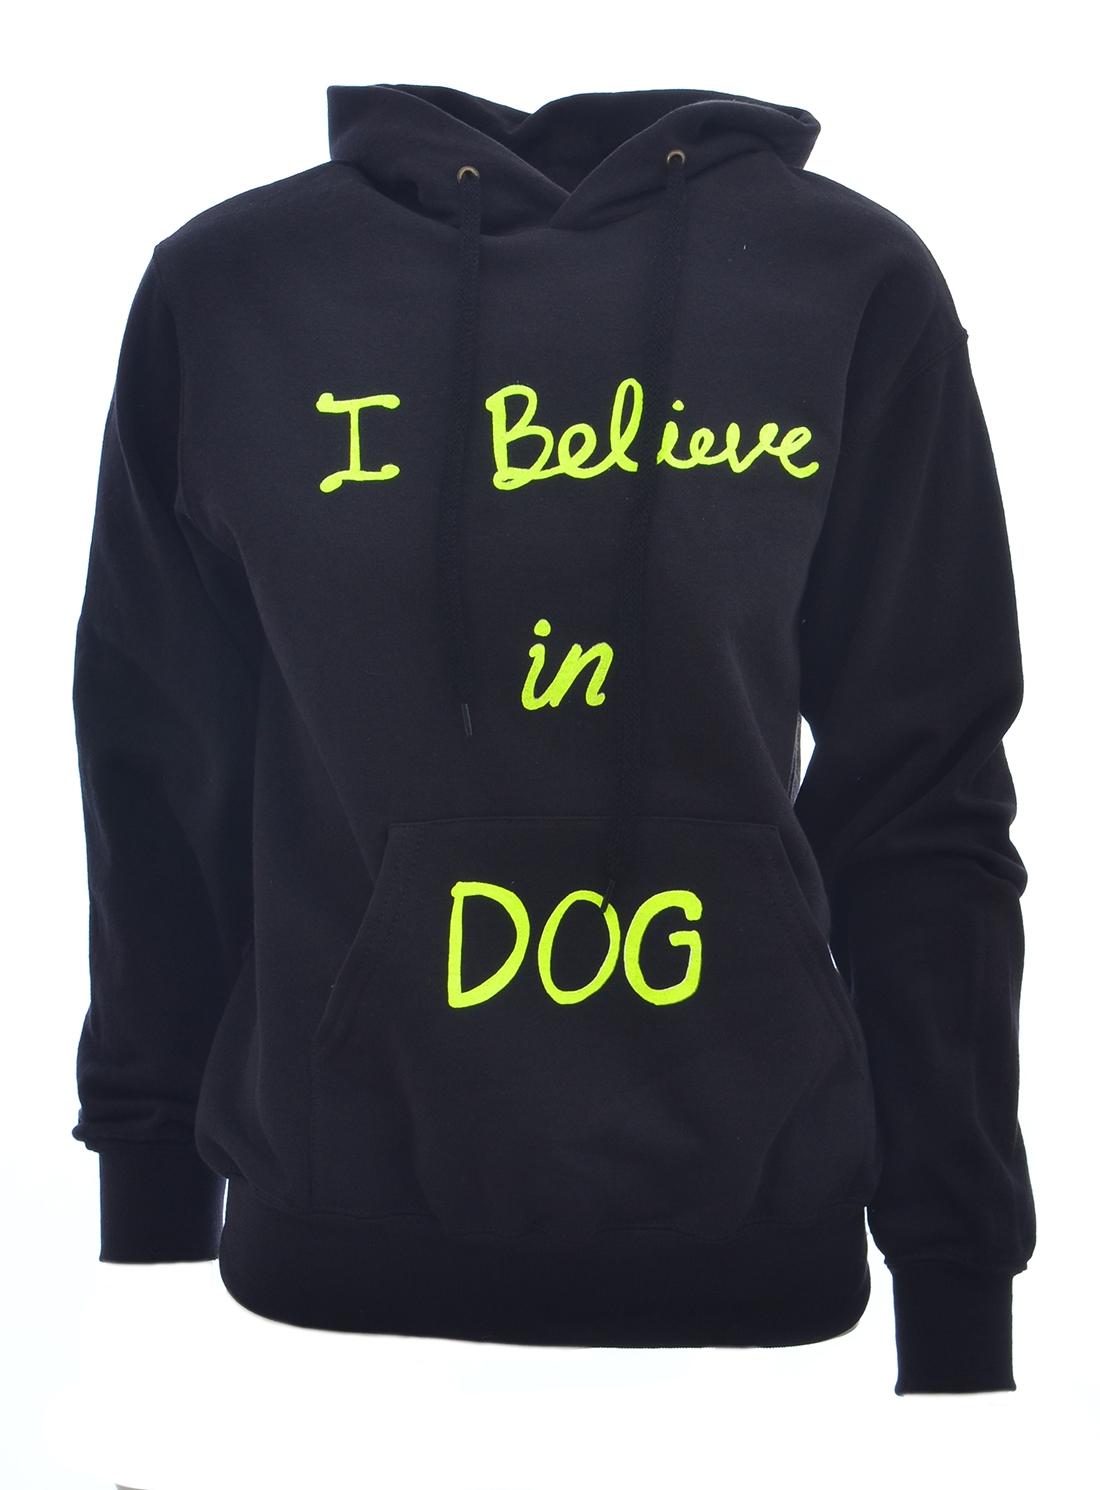 I BELIEVE IN DOG HOODIE. Black by Simeon Farrar